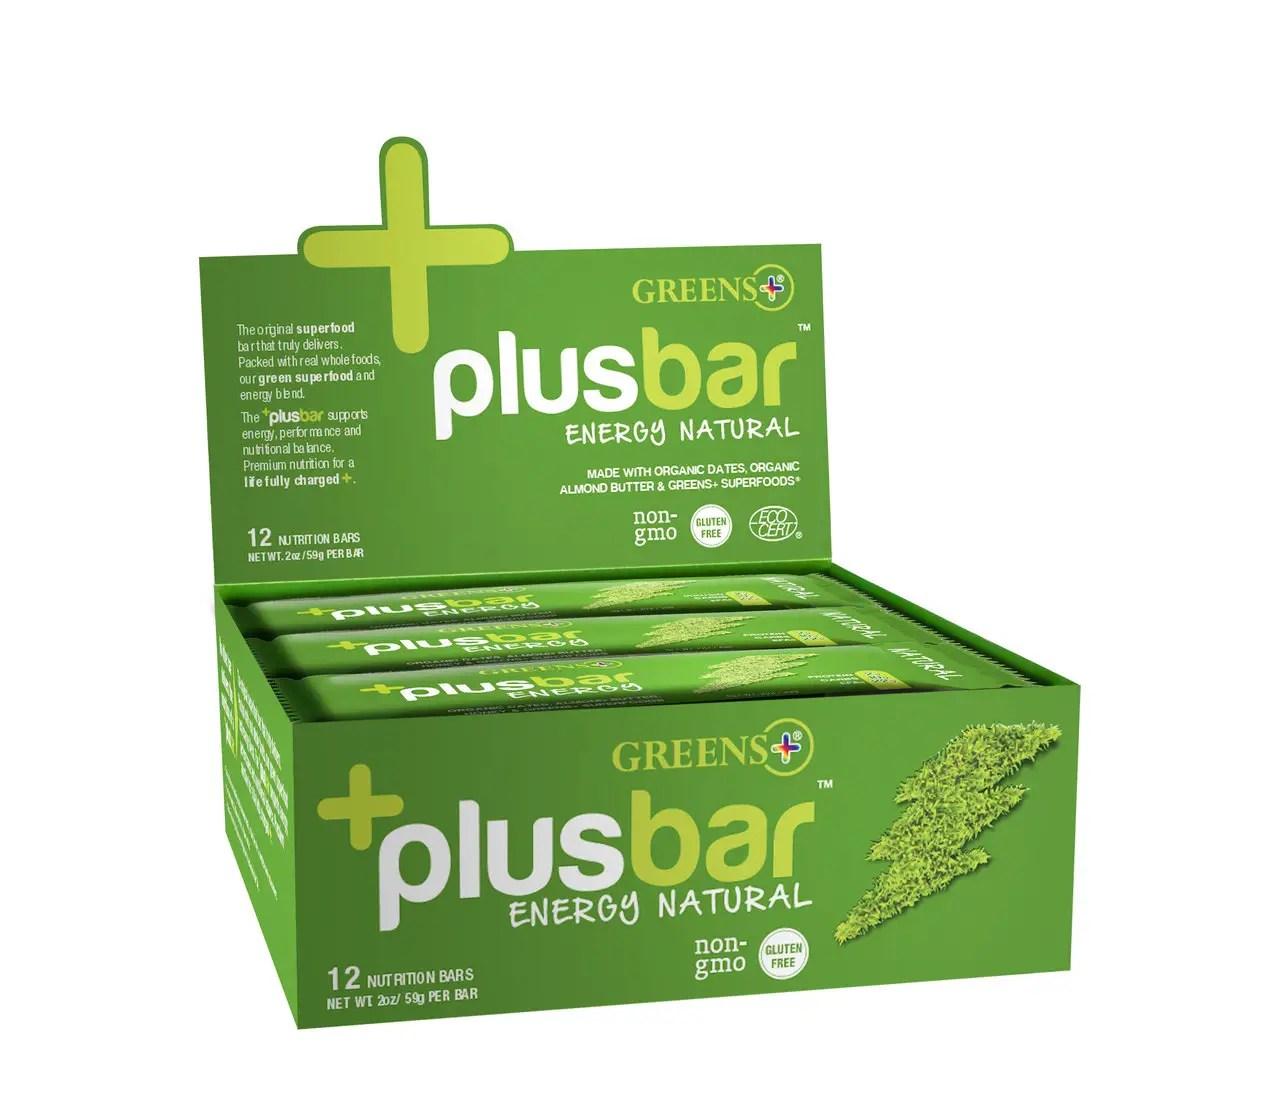 greens plusbar protein bar